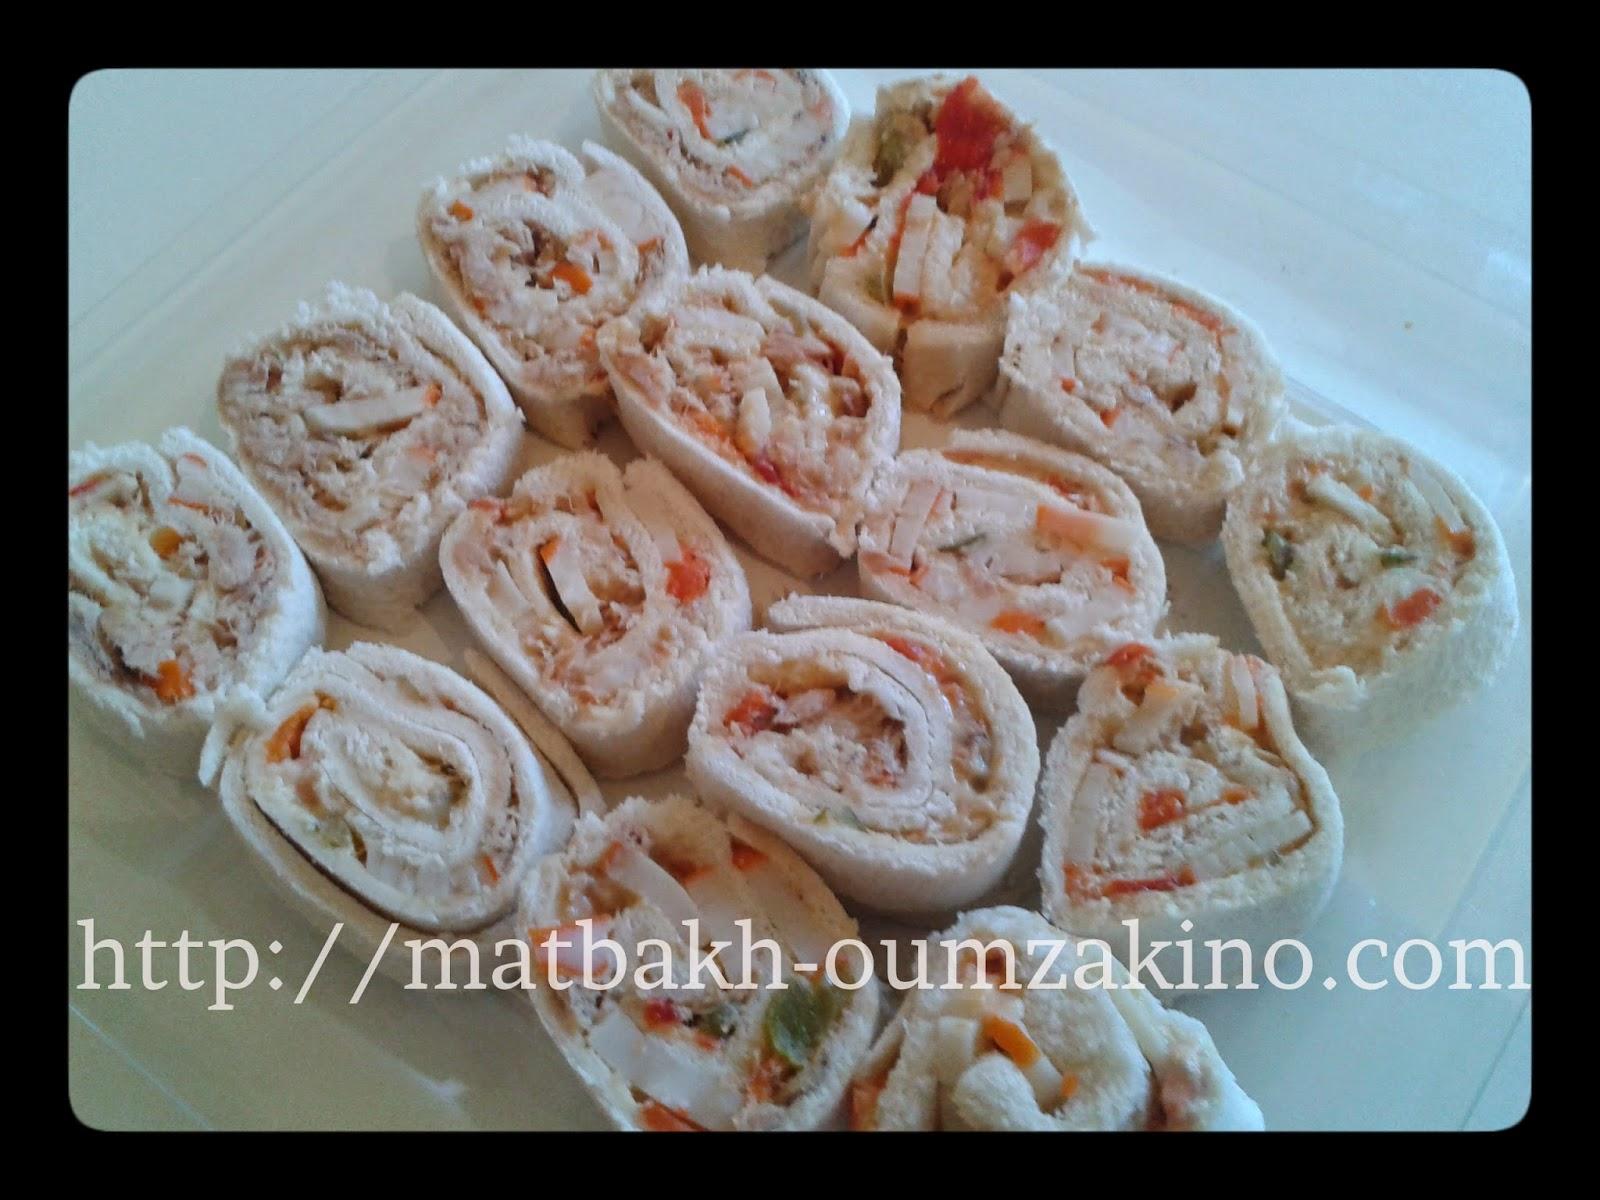 Mini roulé thon mayonnaise et surimi matbakh-oumzakino